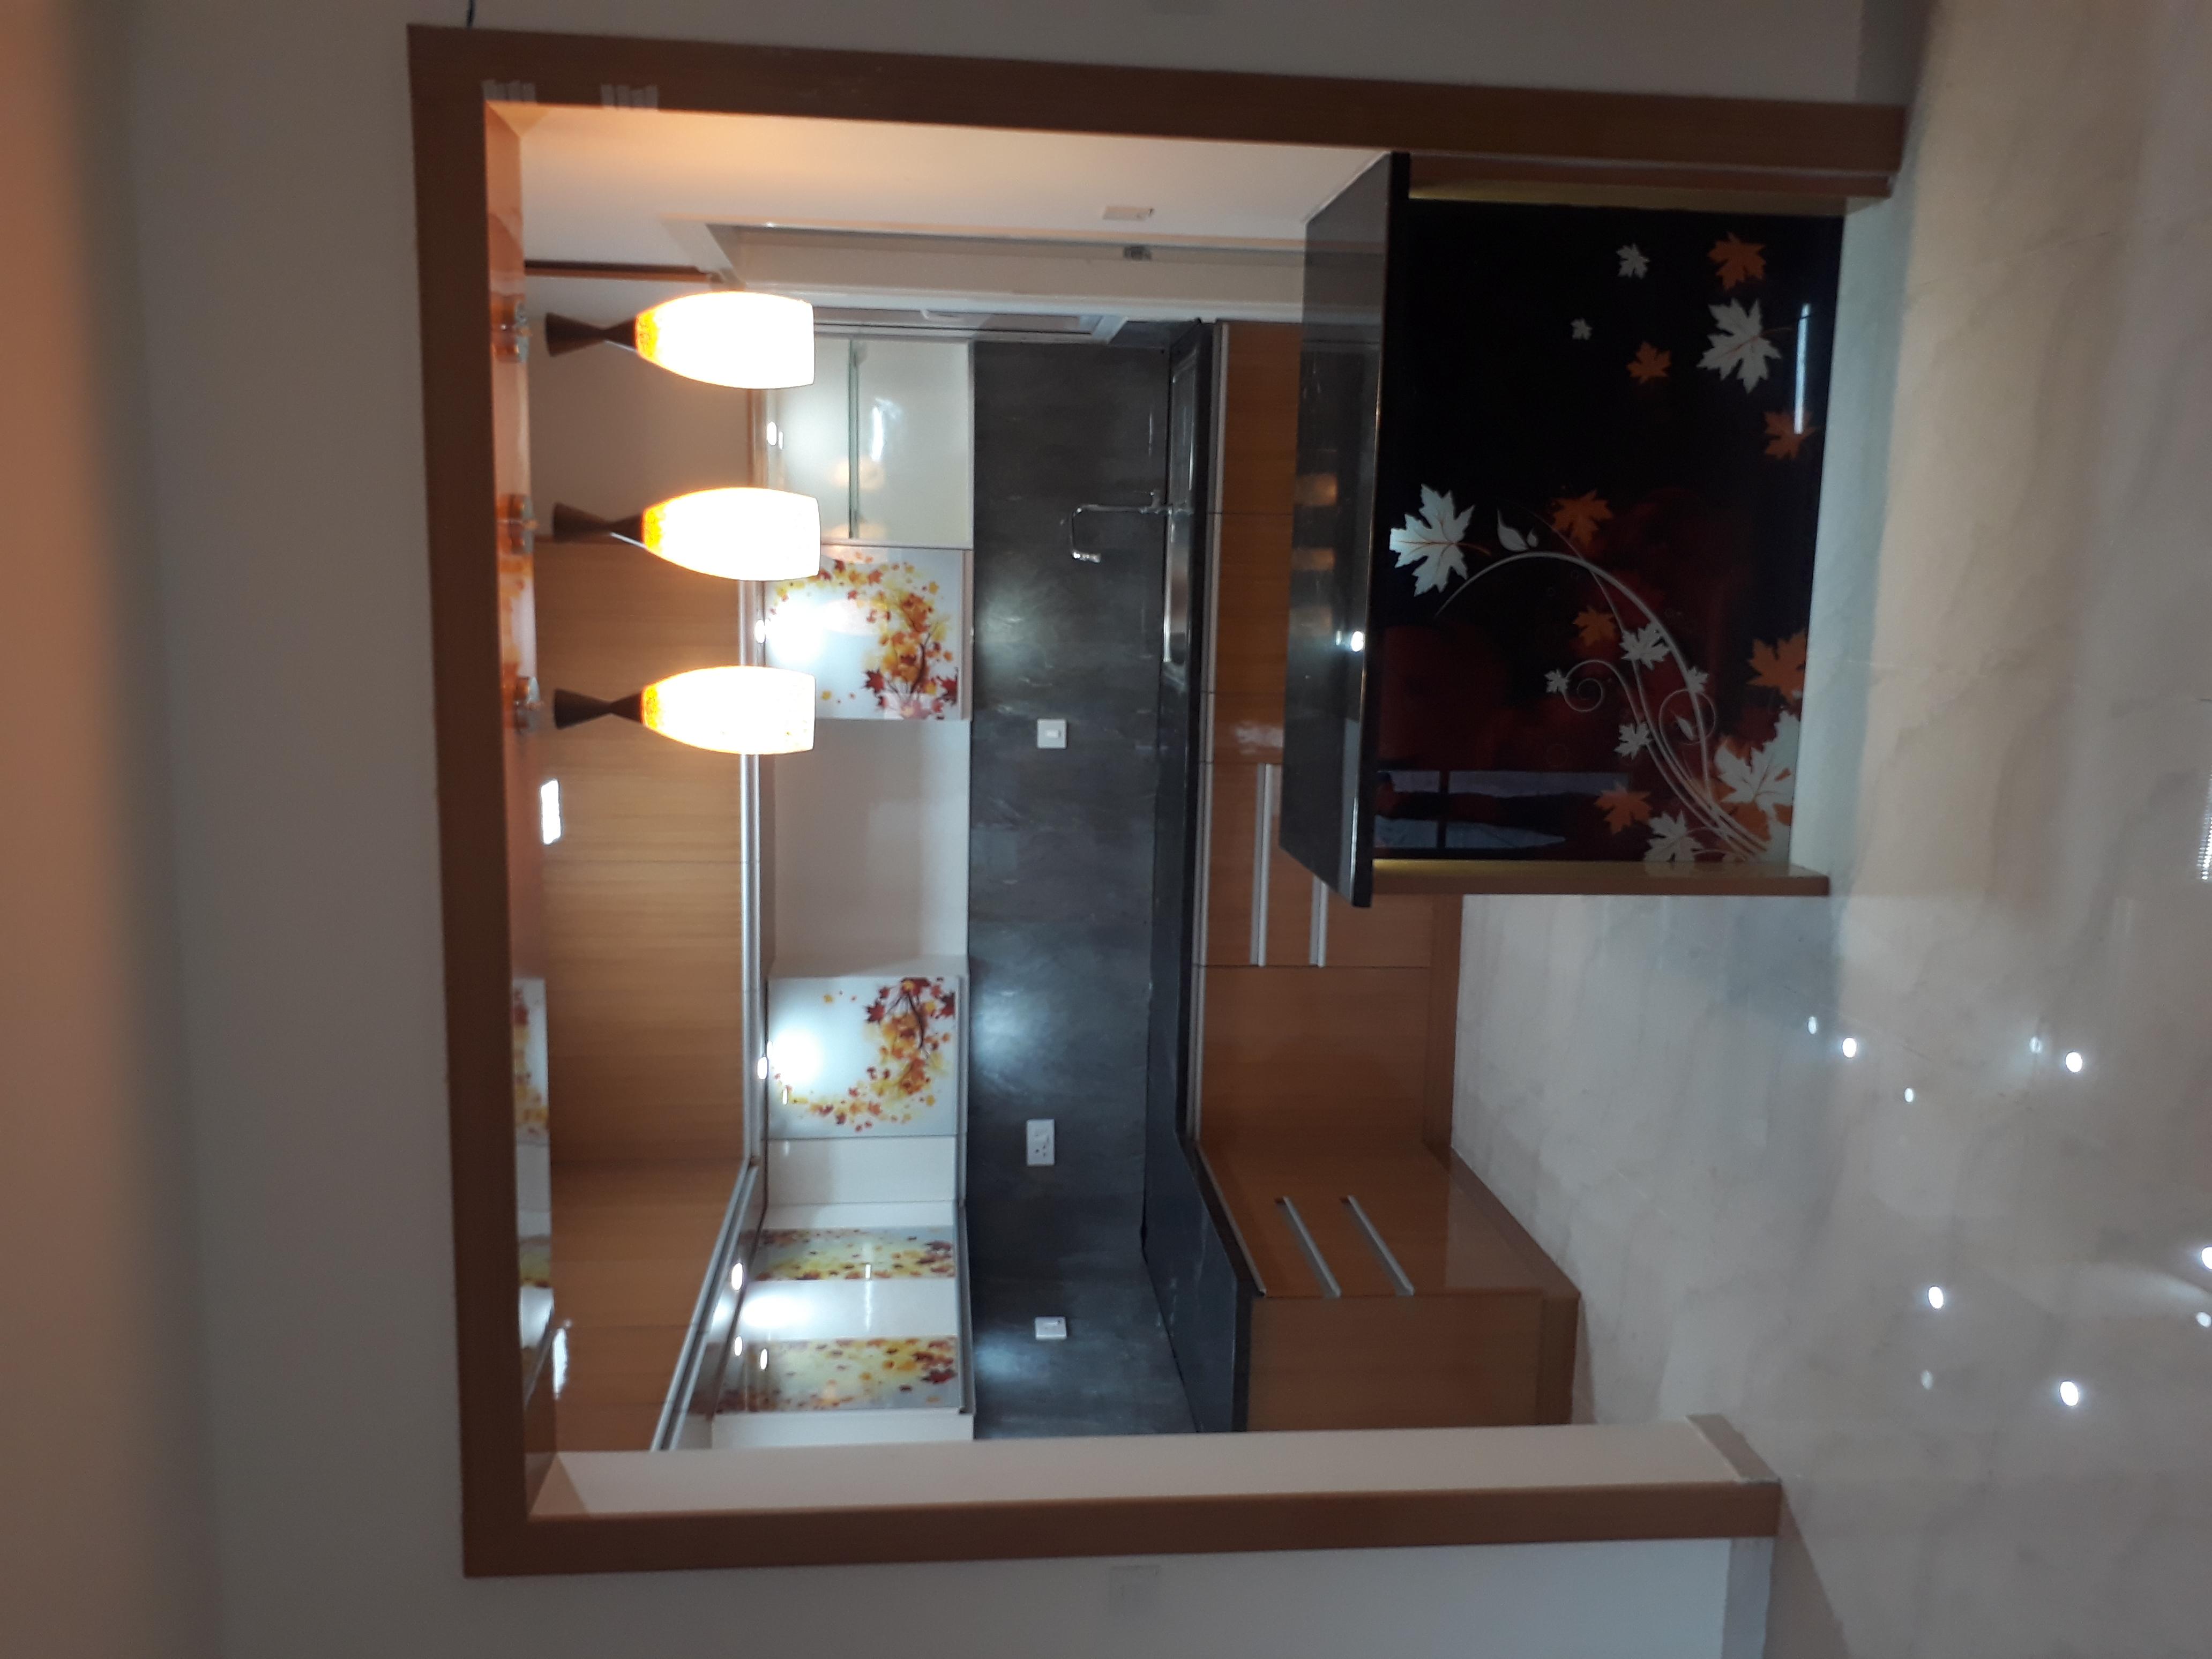 Triad Interio, Manufacture of modular kitchen&wardrobe in kompally,Manufacture of modular kitchen&wardrobe in LB nagar,Manufacture of modular kitchen&wardrobe in kondapur,